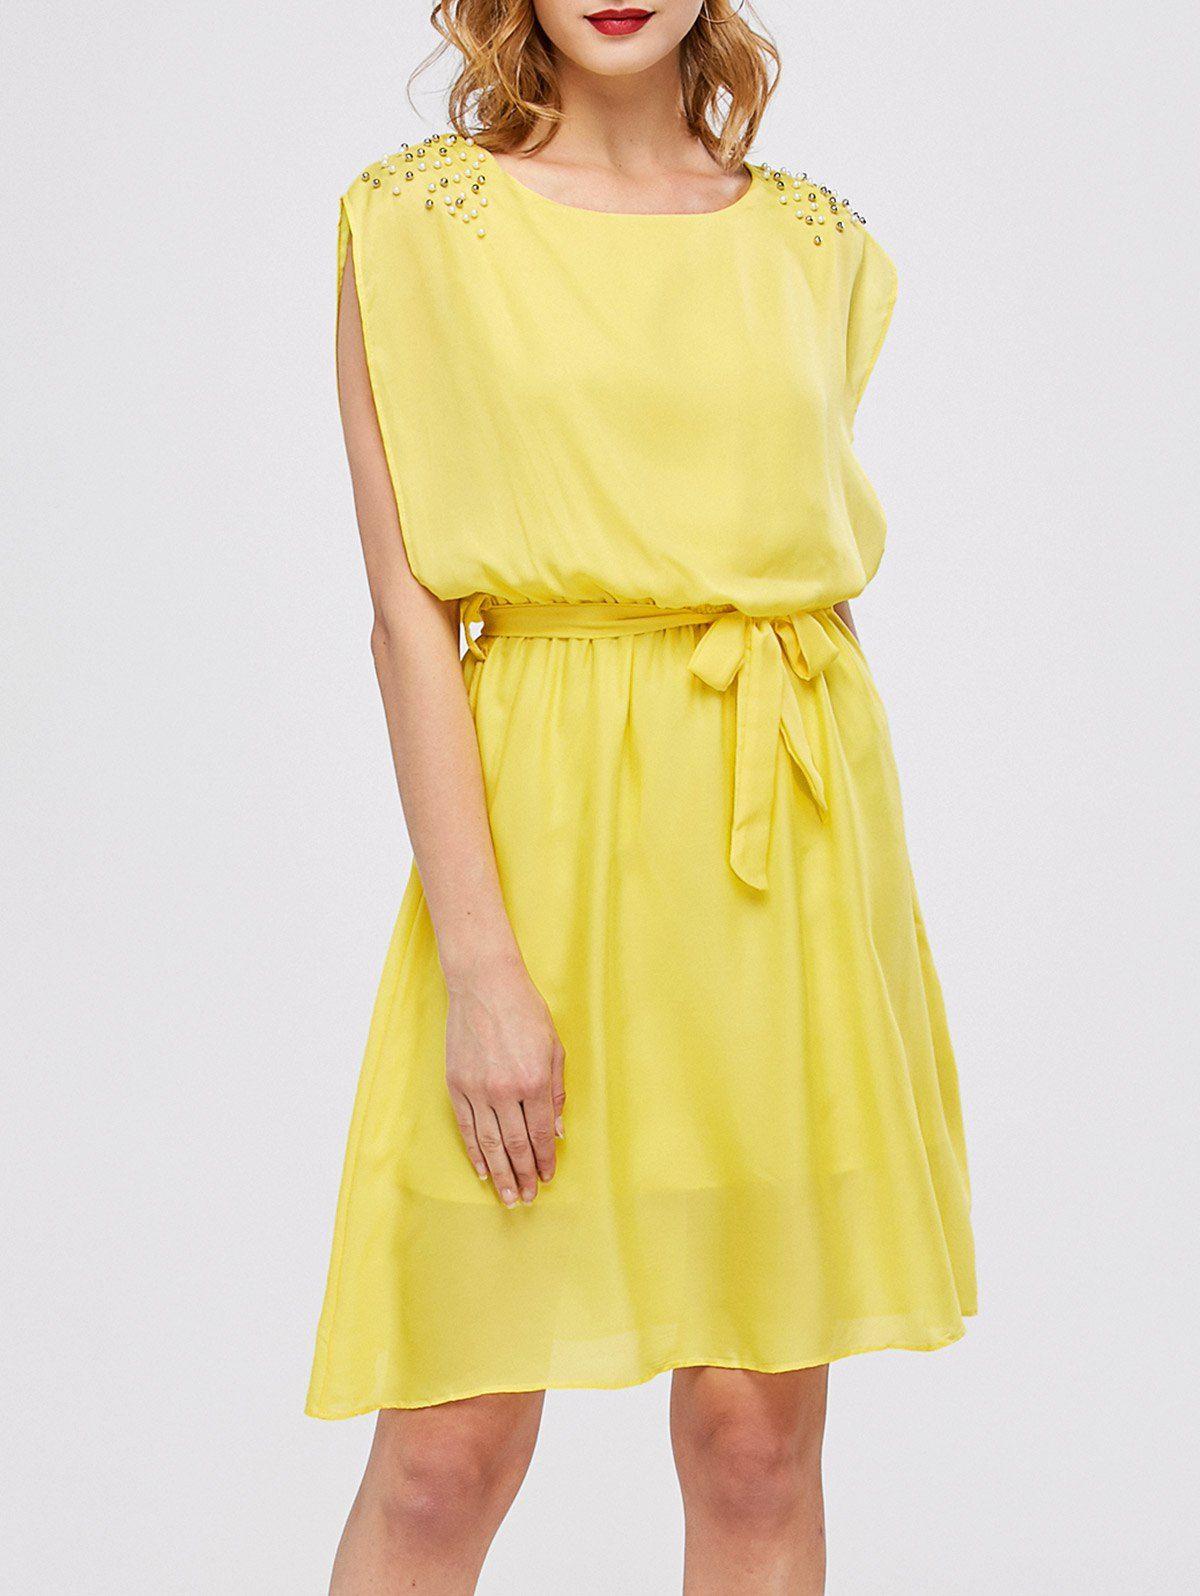 High waist beaded mini chiffon dress yellow dress chiffon dress